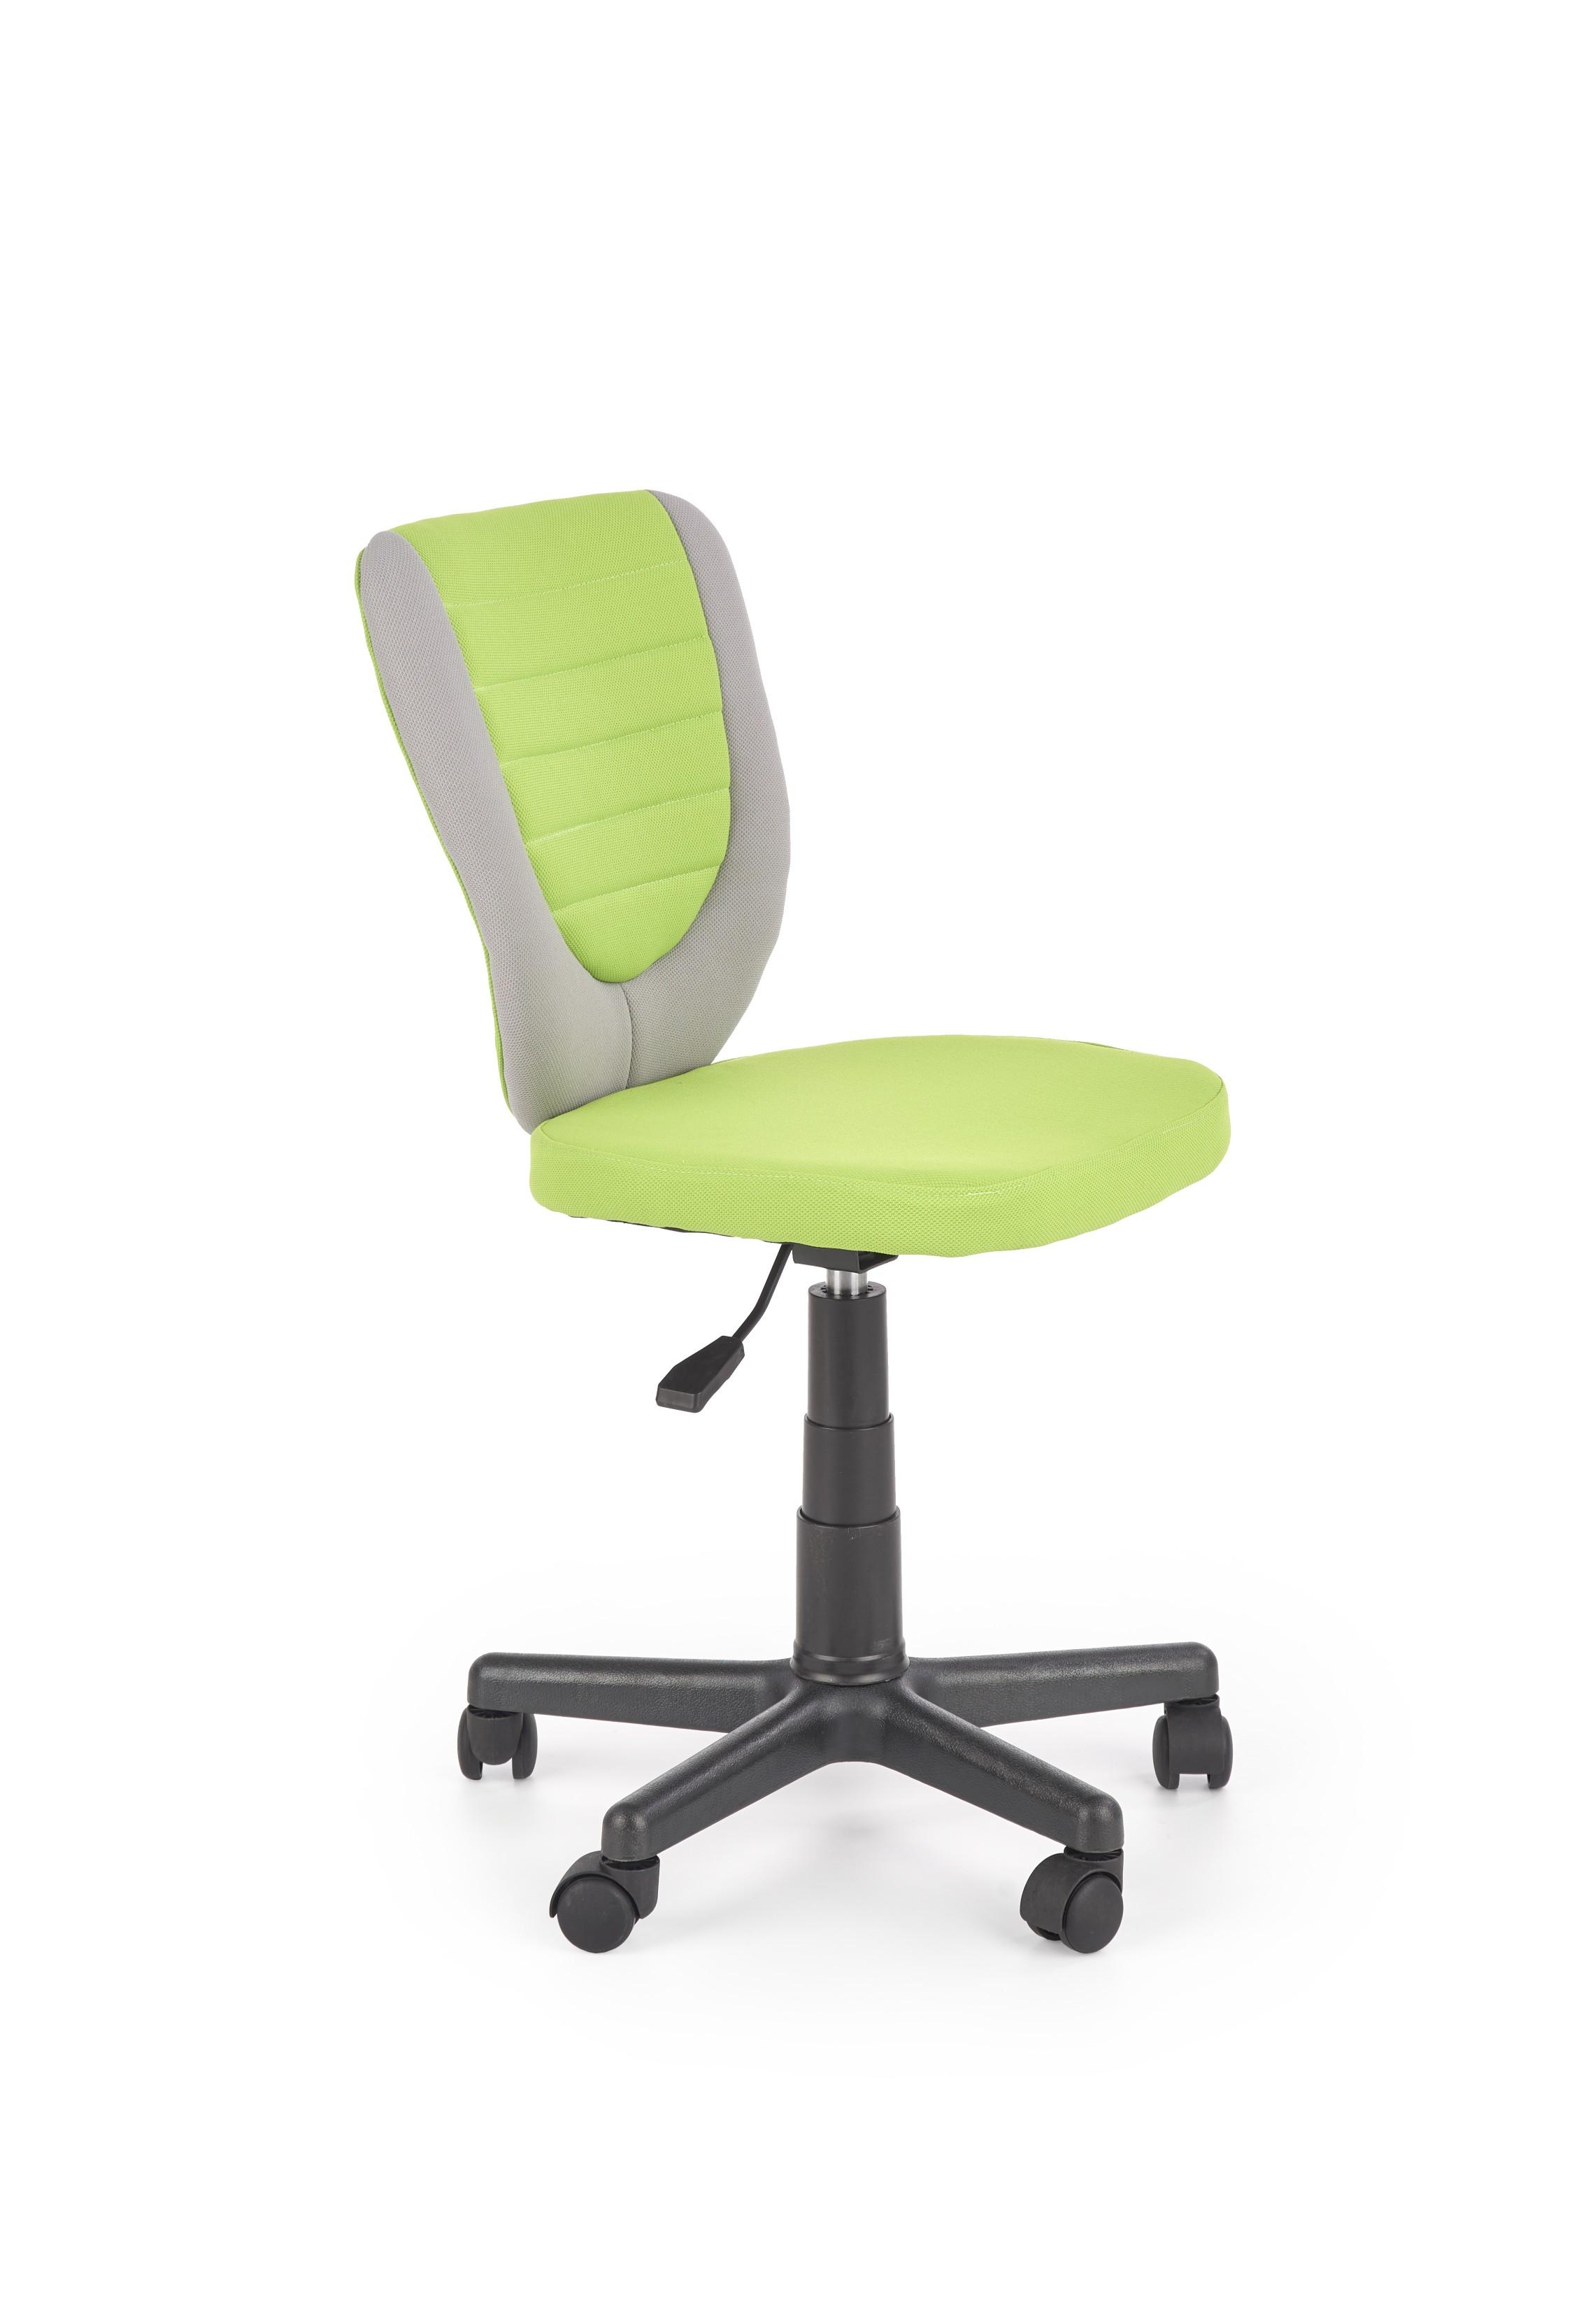 TOBY fotel młodzieżowy popielaty / zielony